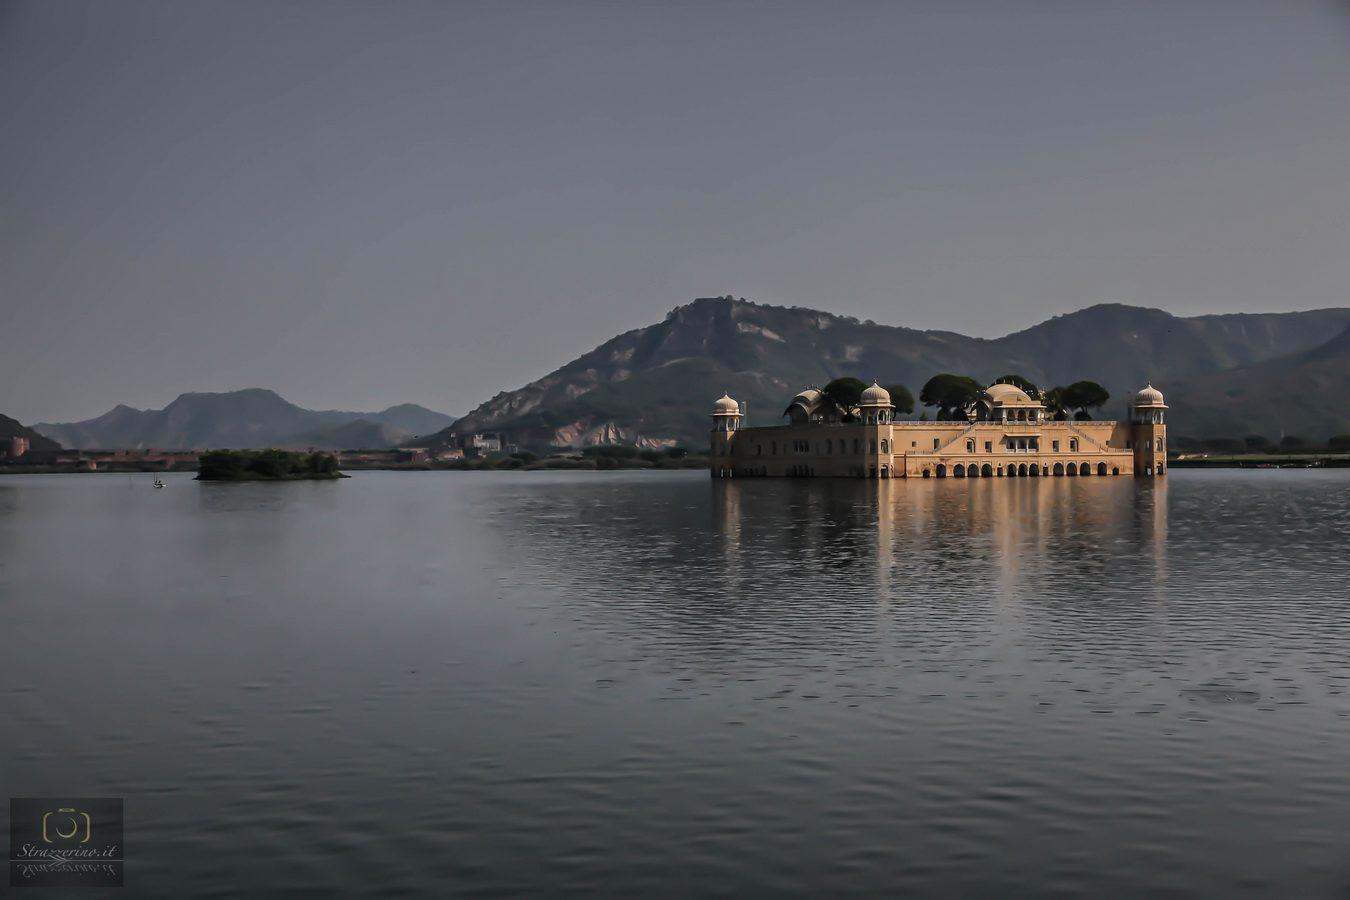 20131026-Jaiphur_296-2